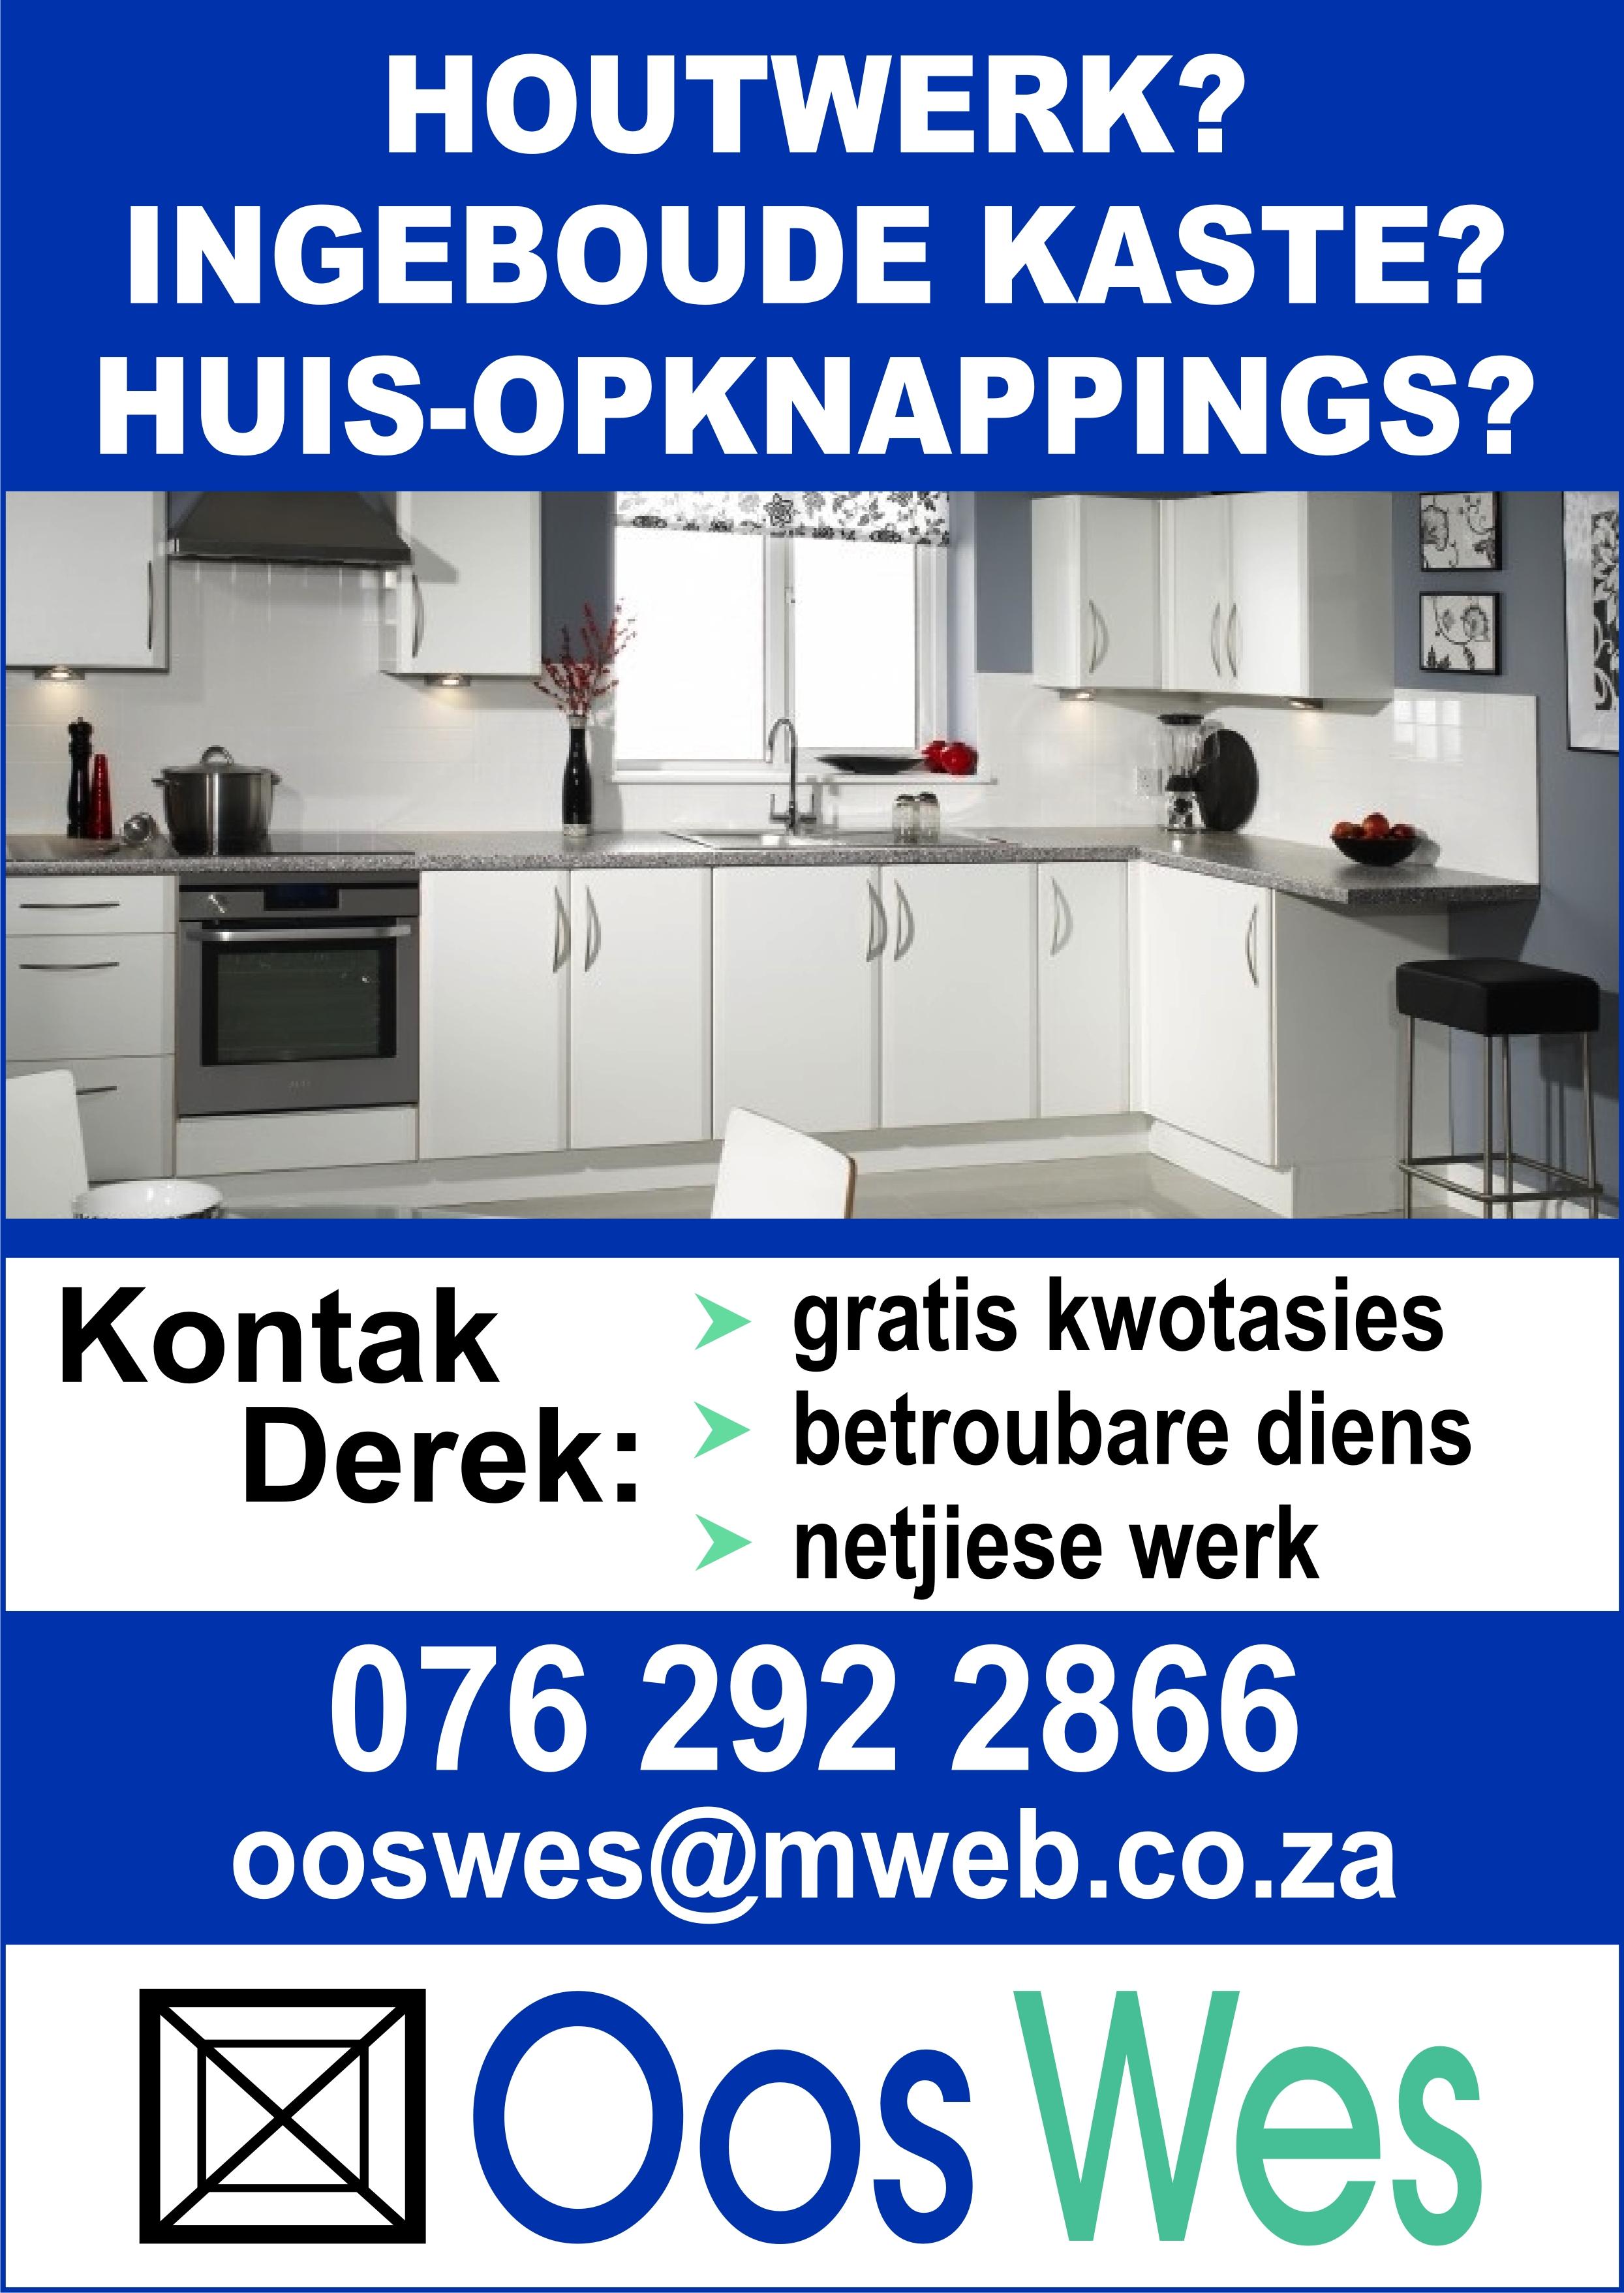 Oos Wes